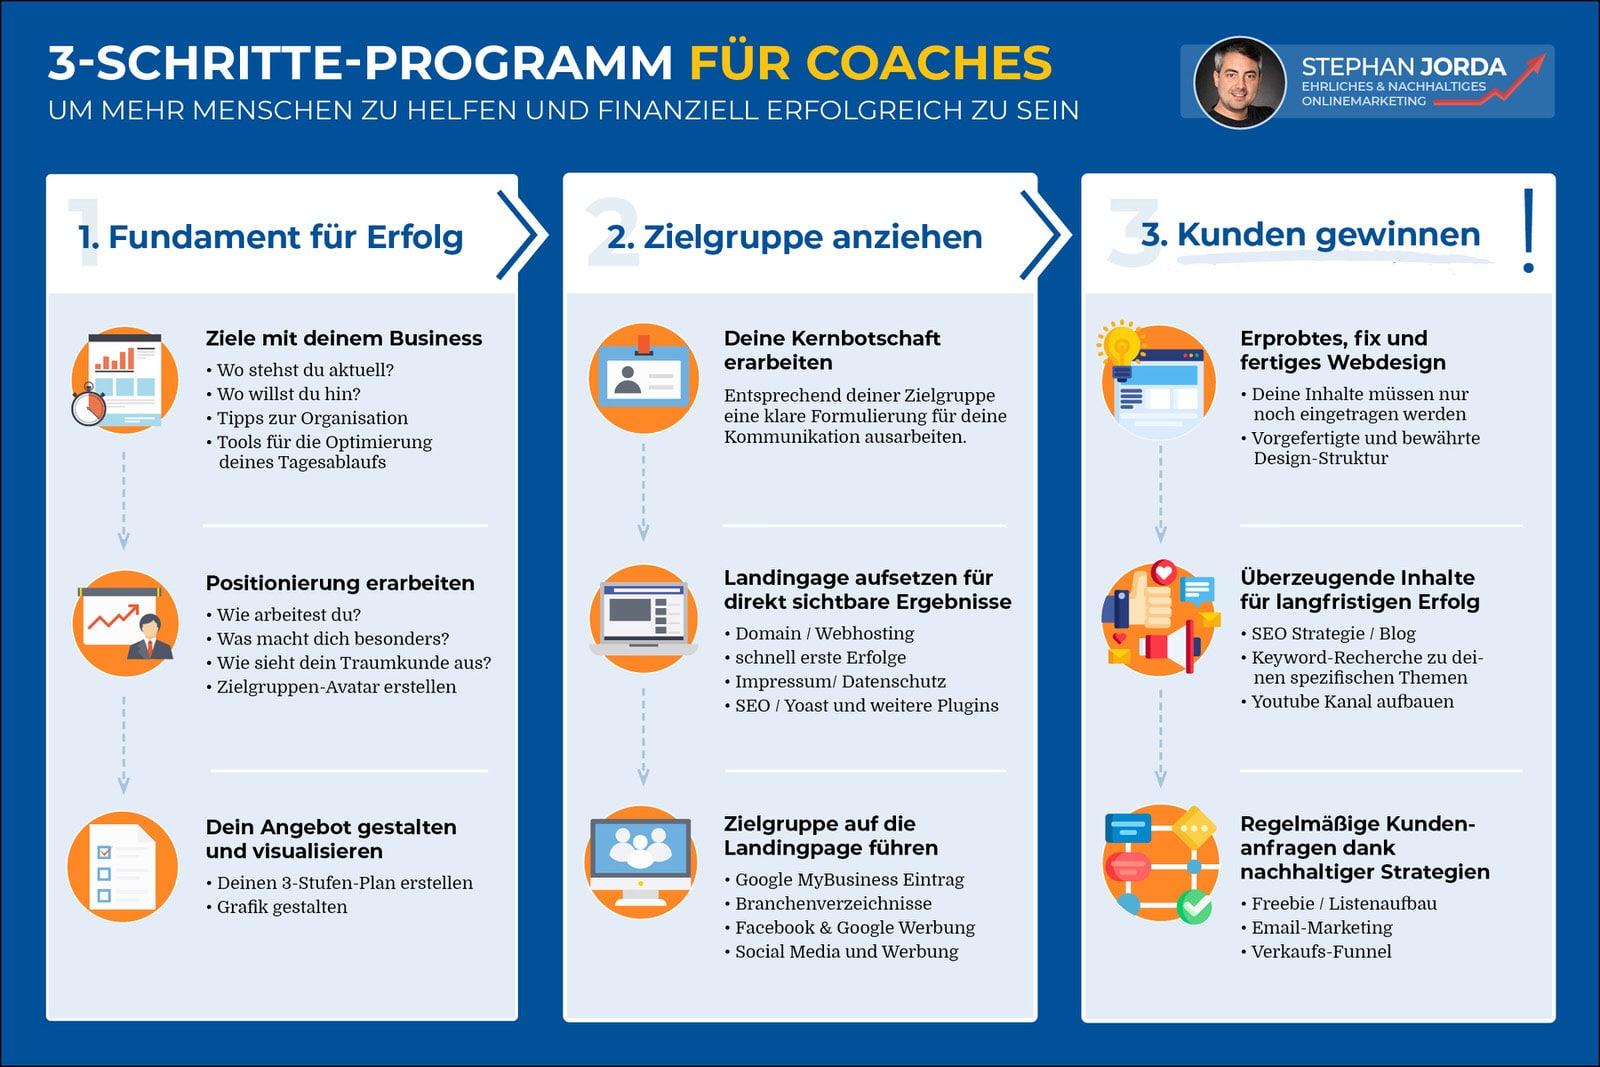 3-Schritte-Programm Online Erfolgreich